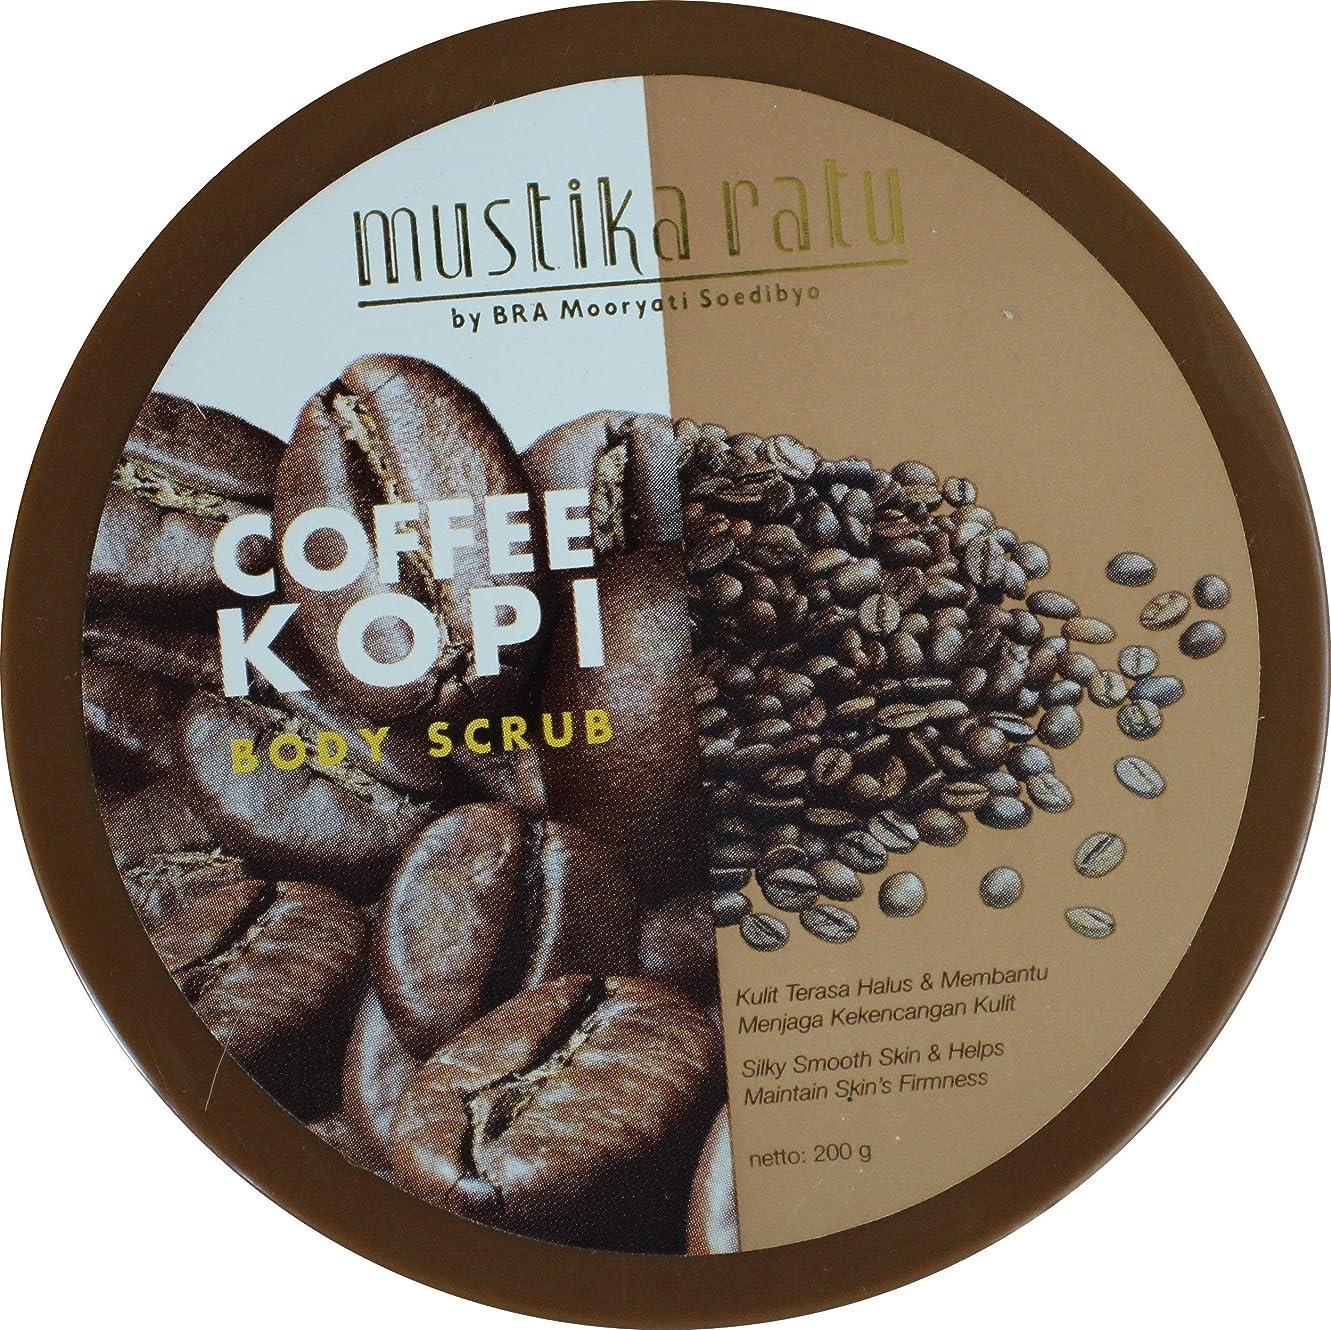 マイクロフォンチーター不適当Mustika Ratu インドネシア200グラム単位でのコーヒーボディスクラップ